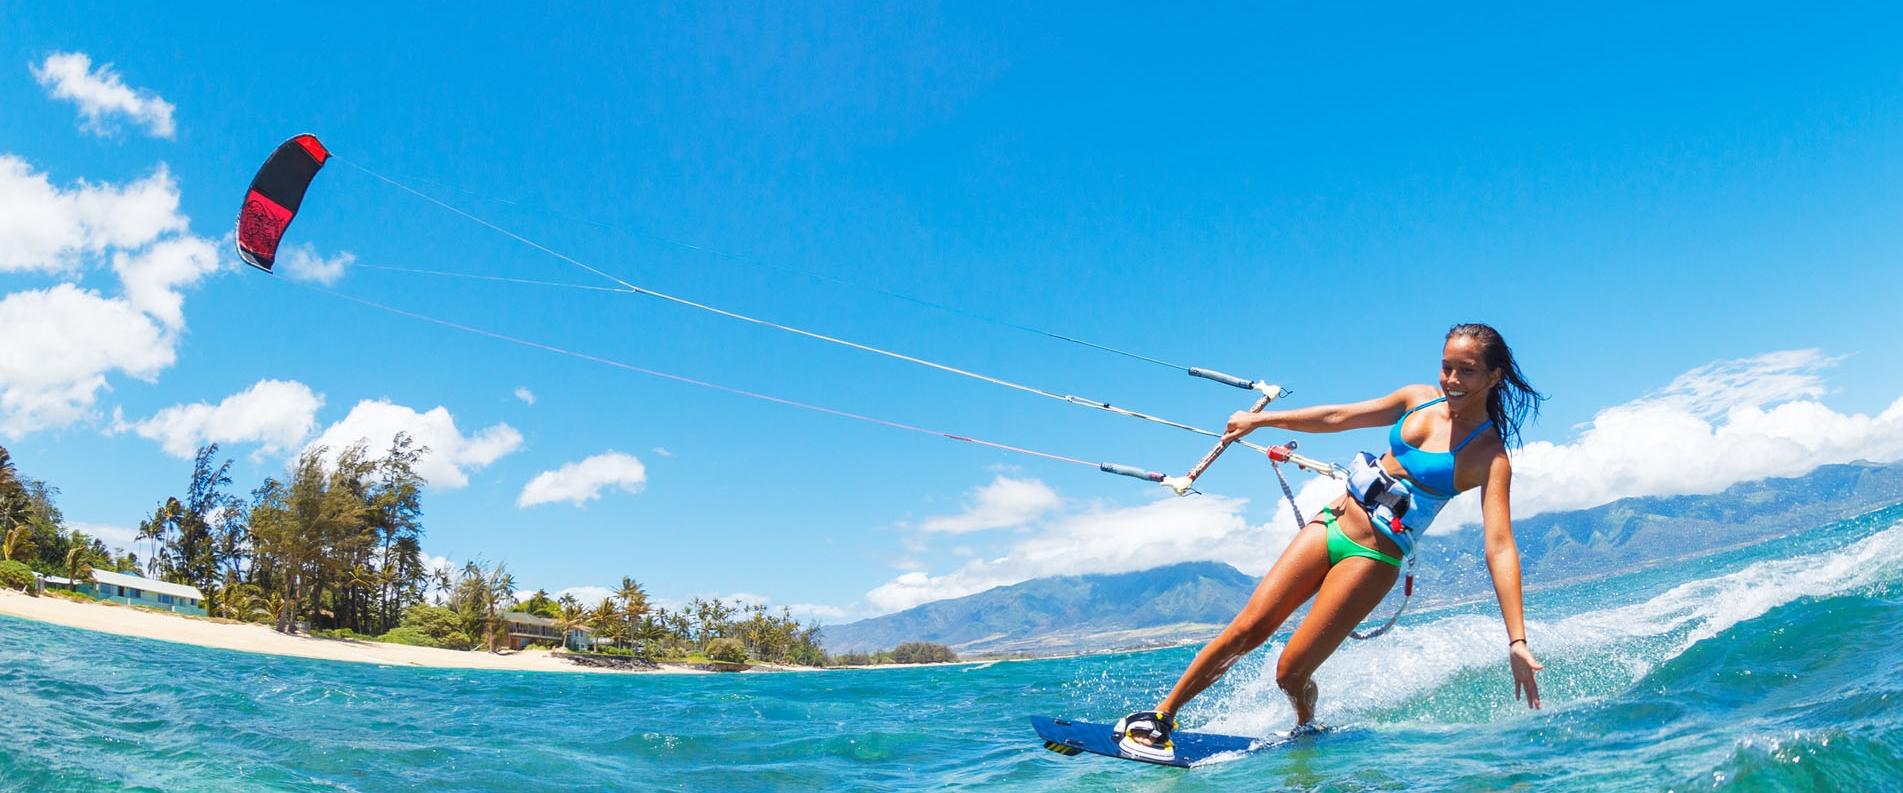 Kitesurfing in Cyprus